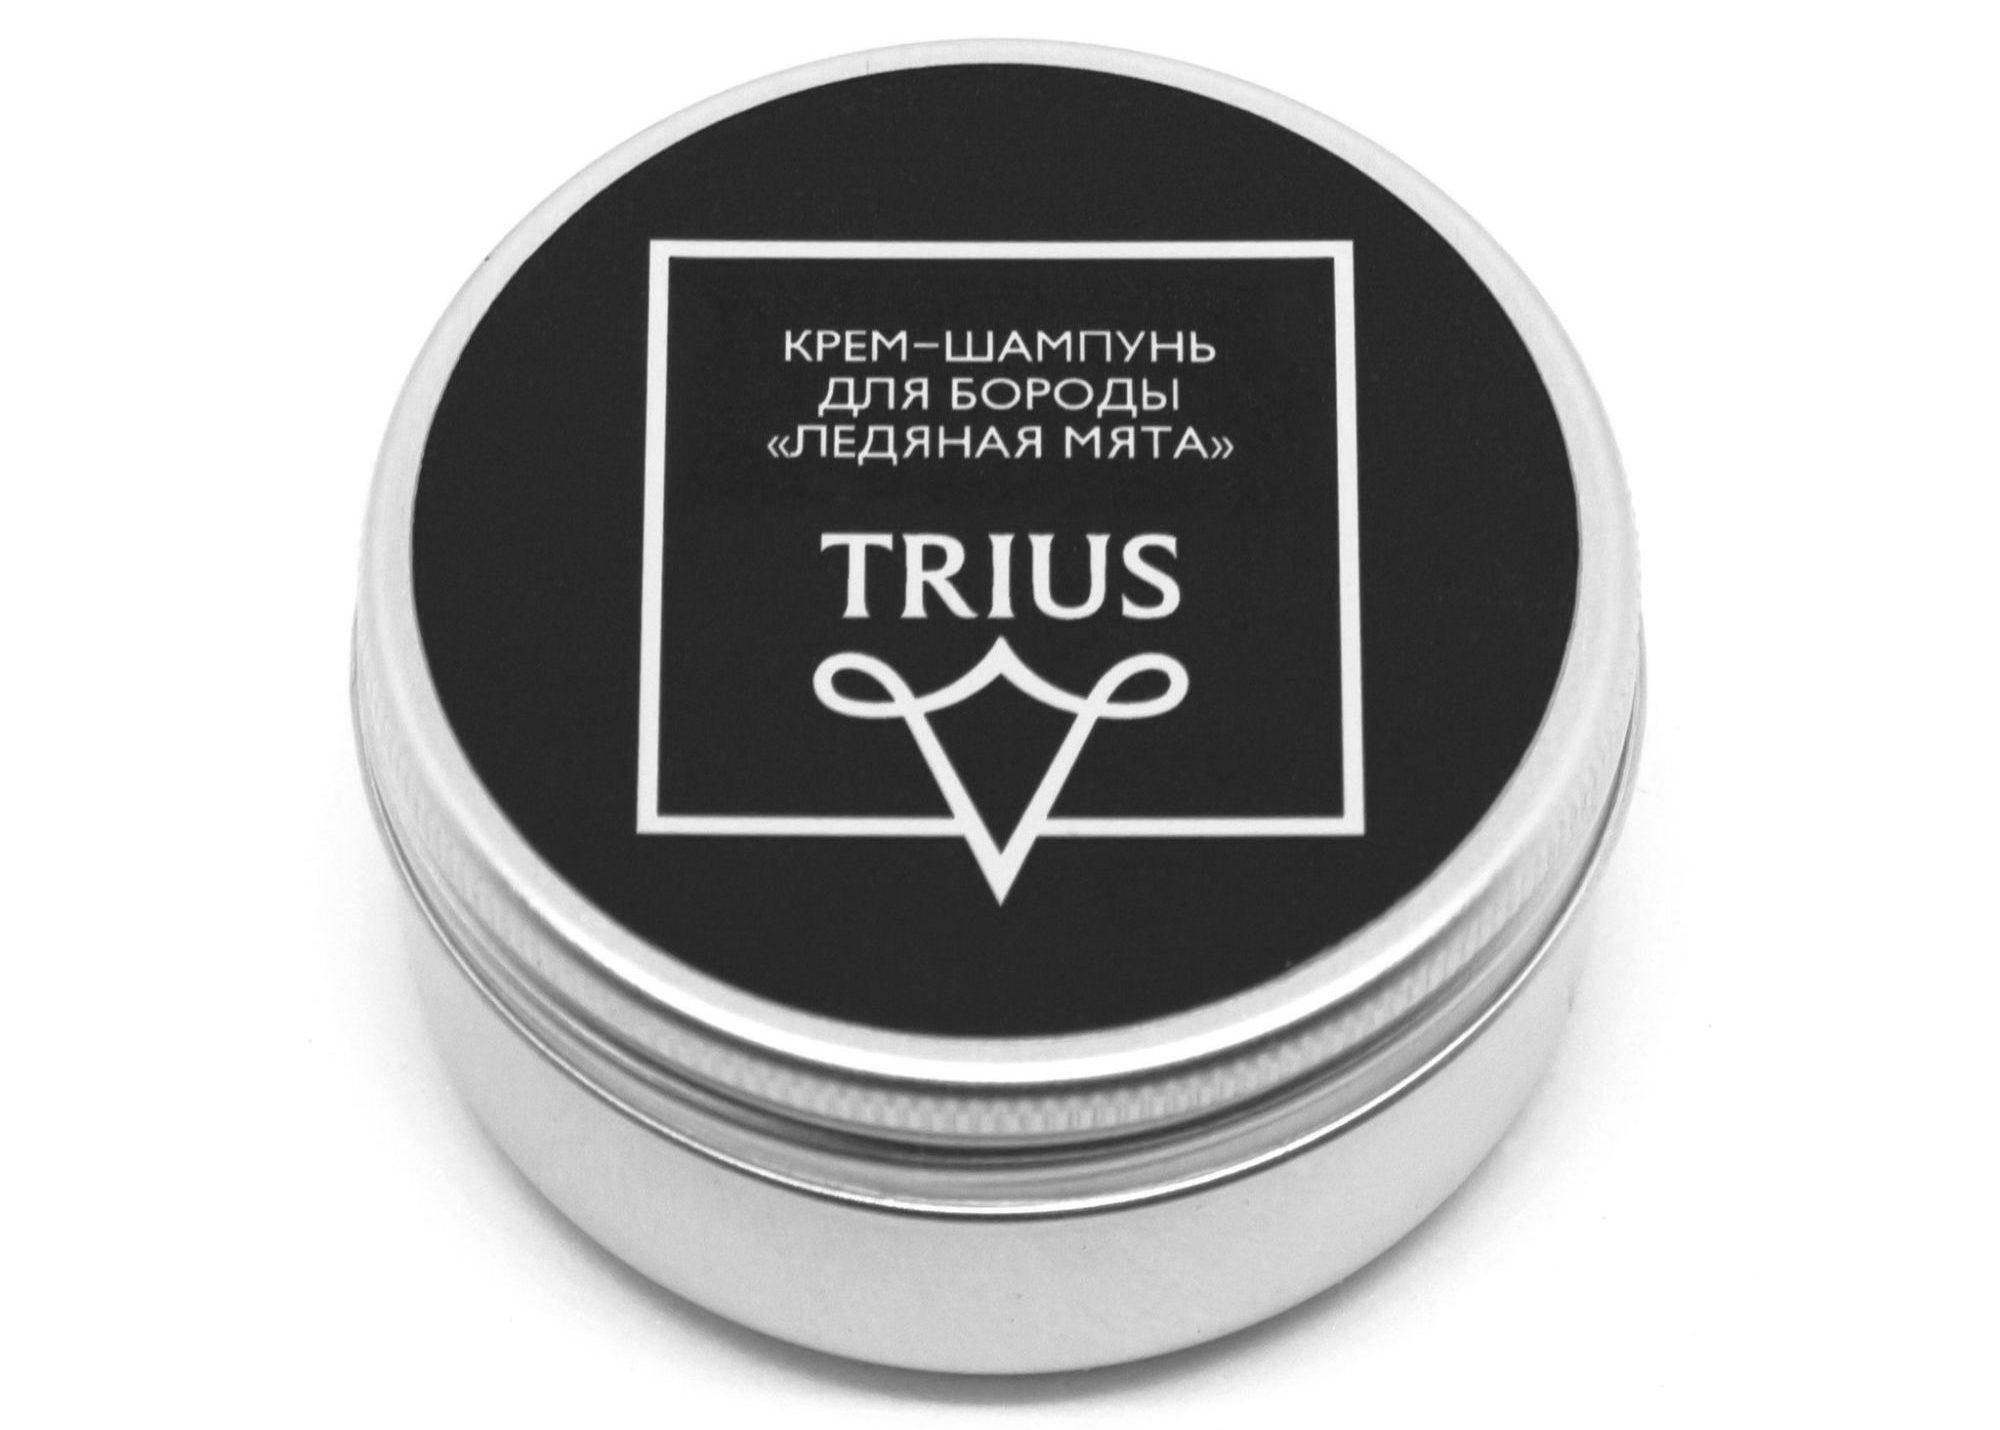 Trius - шампунь для роста бороды